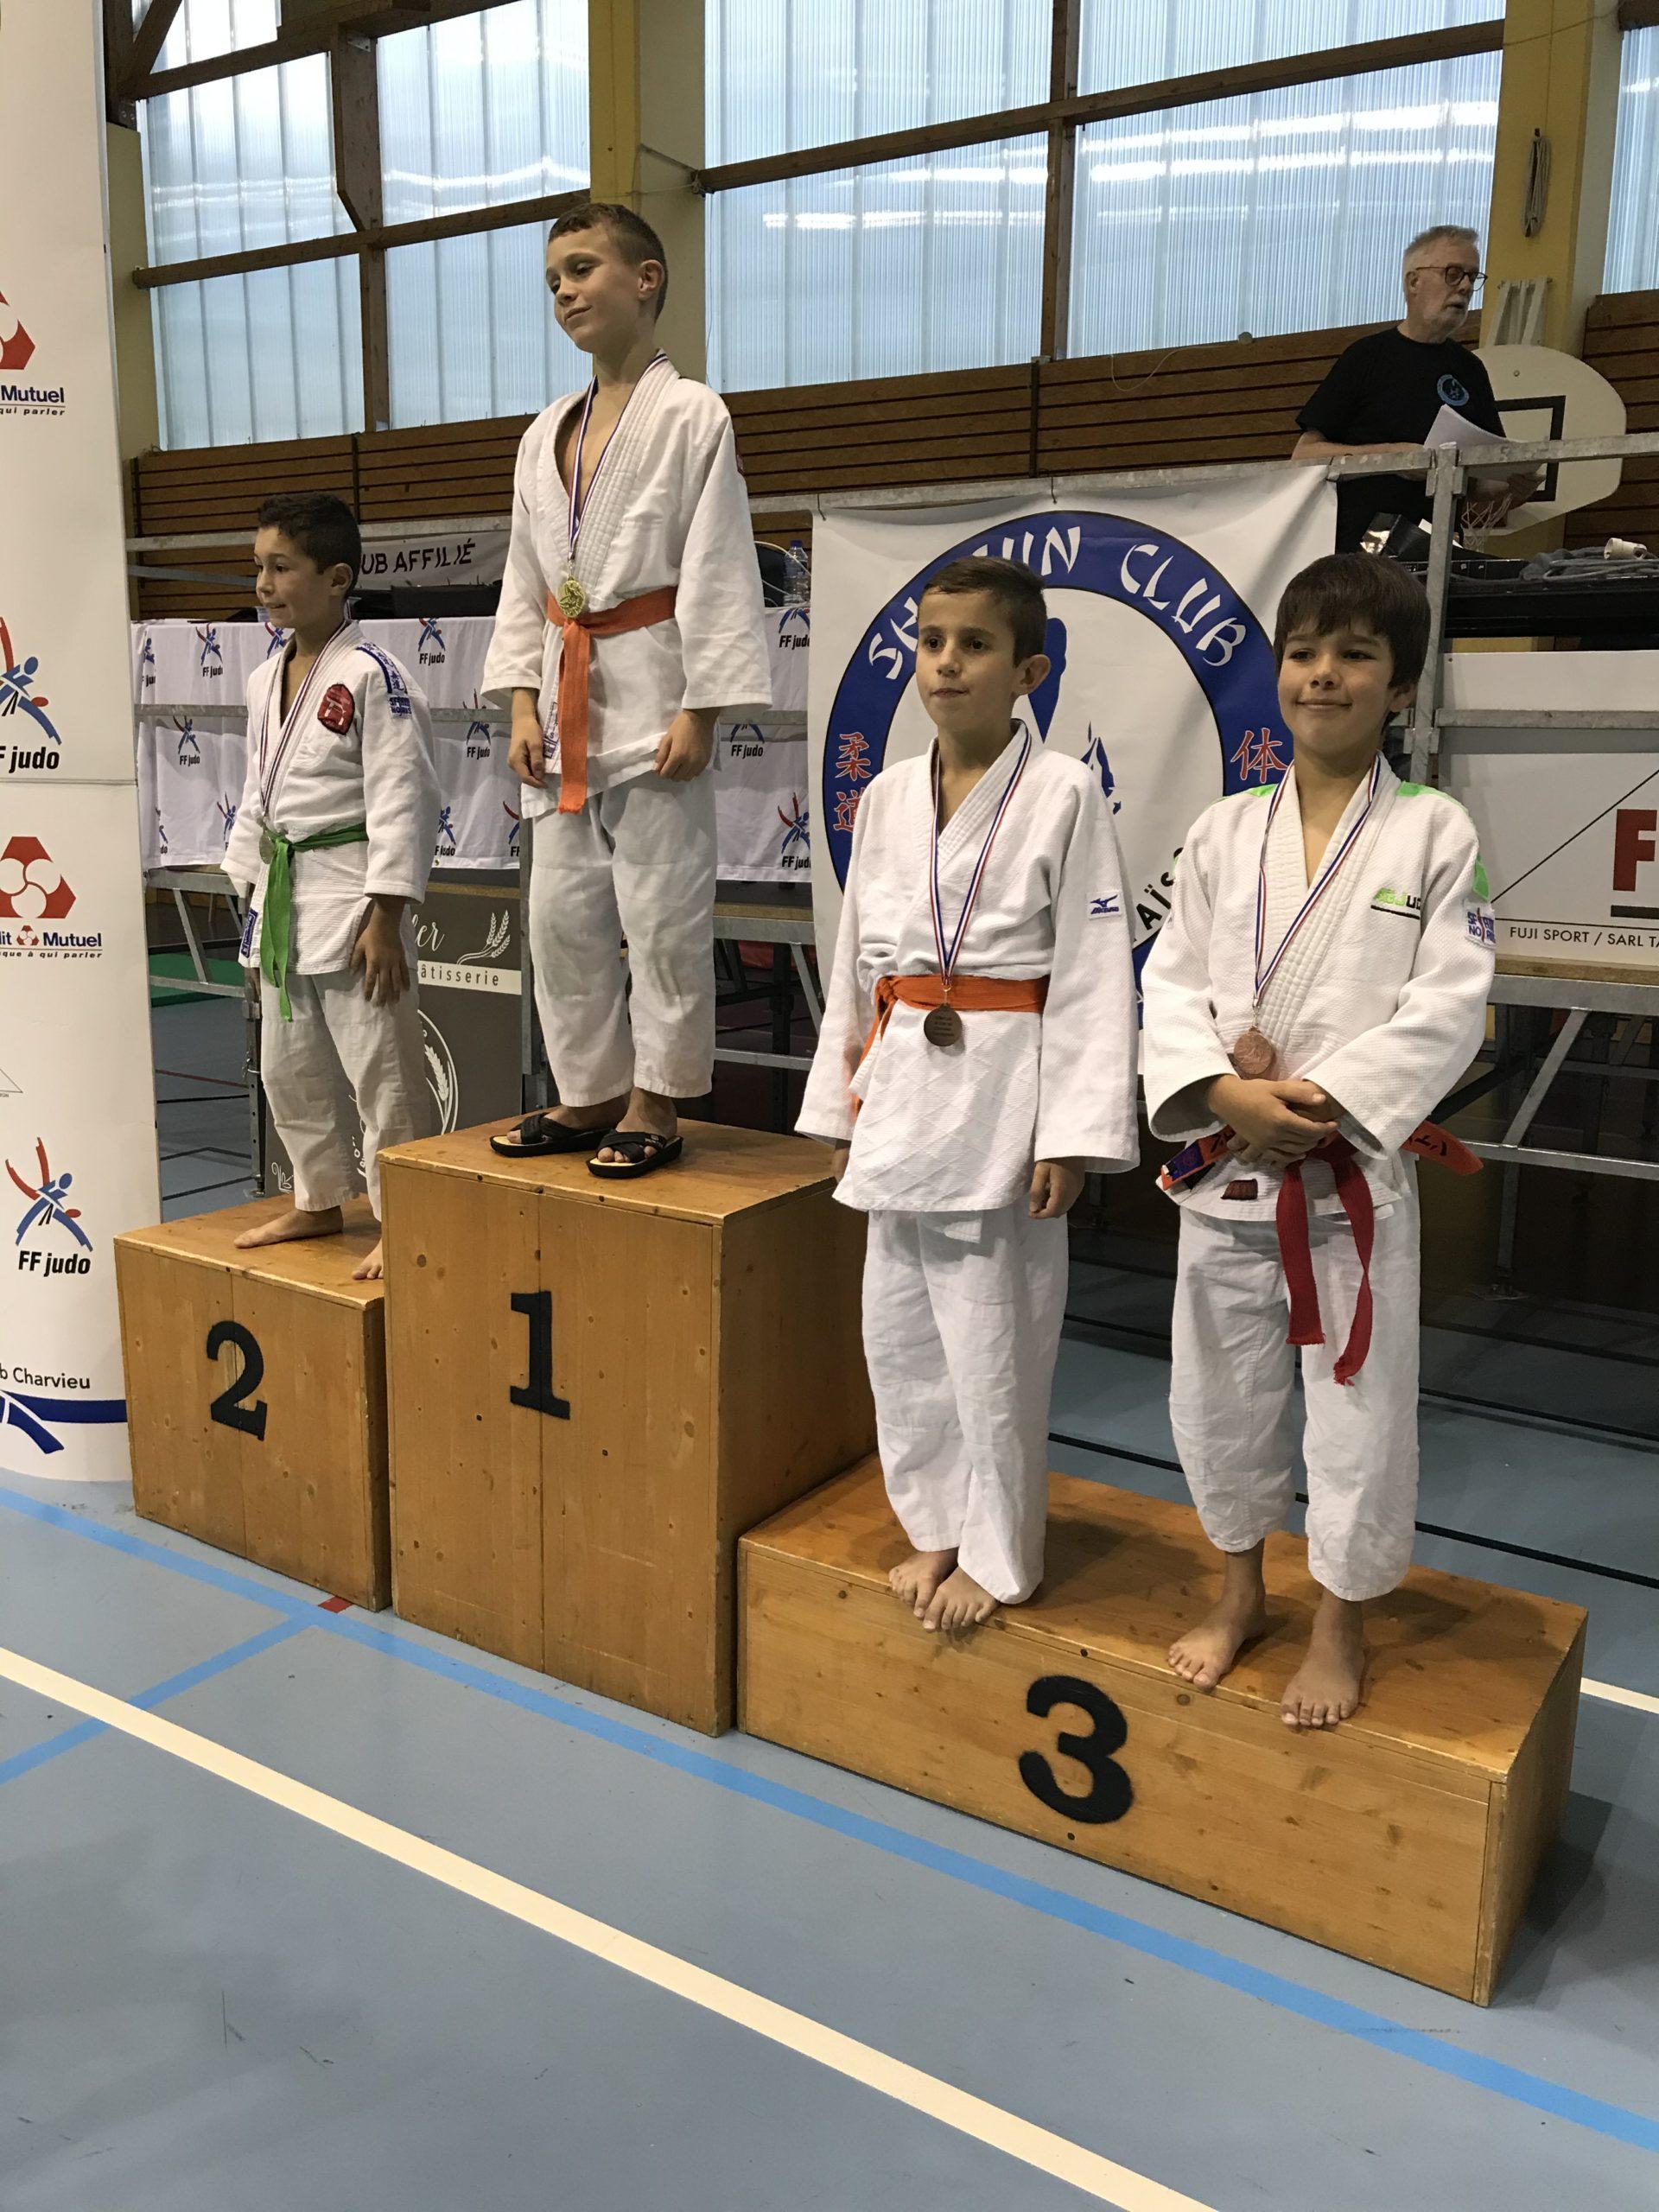 Tournoi du Shogun Club de Charvieu-Chavagneu – 26 & 27/10/2019